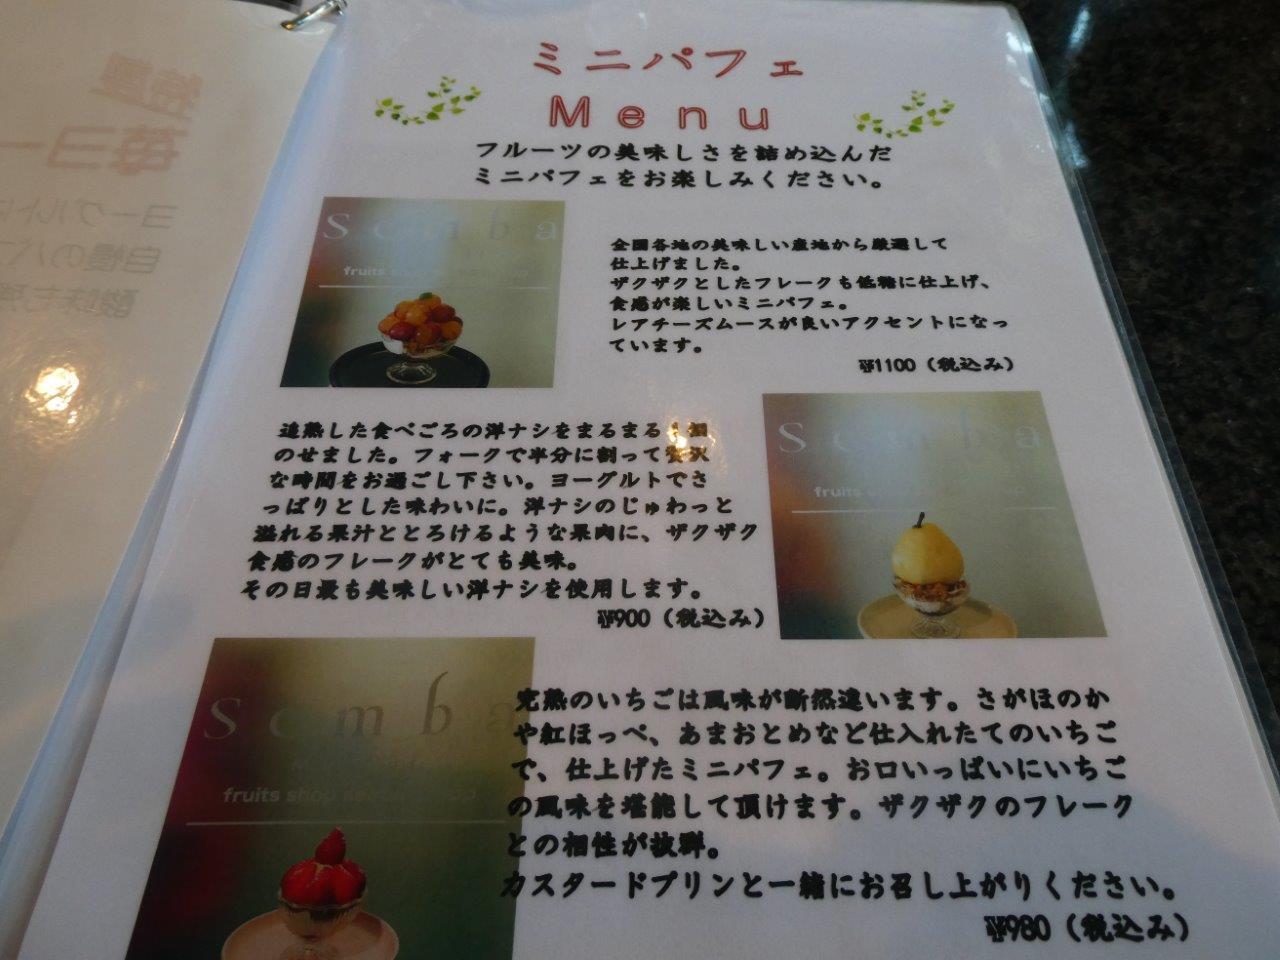 千馬ミヤビ (Miyabi)果物に精通した_d0106134_16005213.jpg